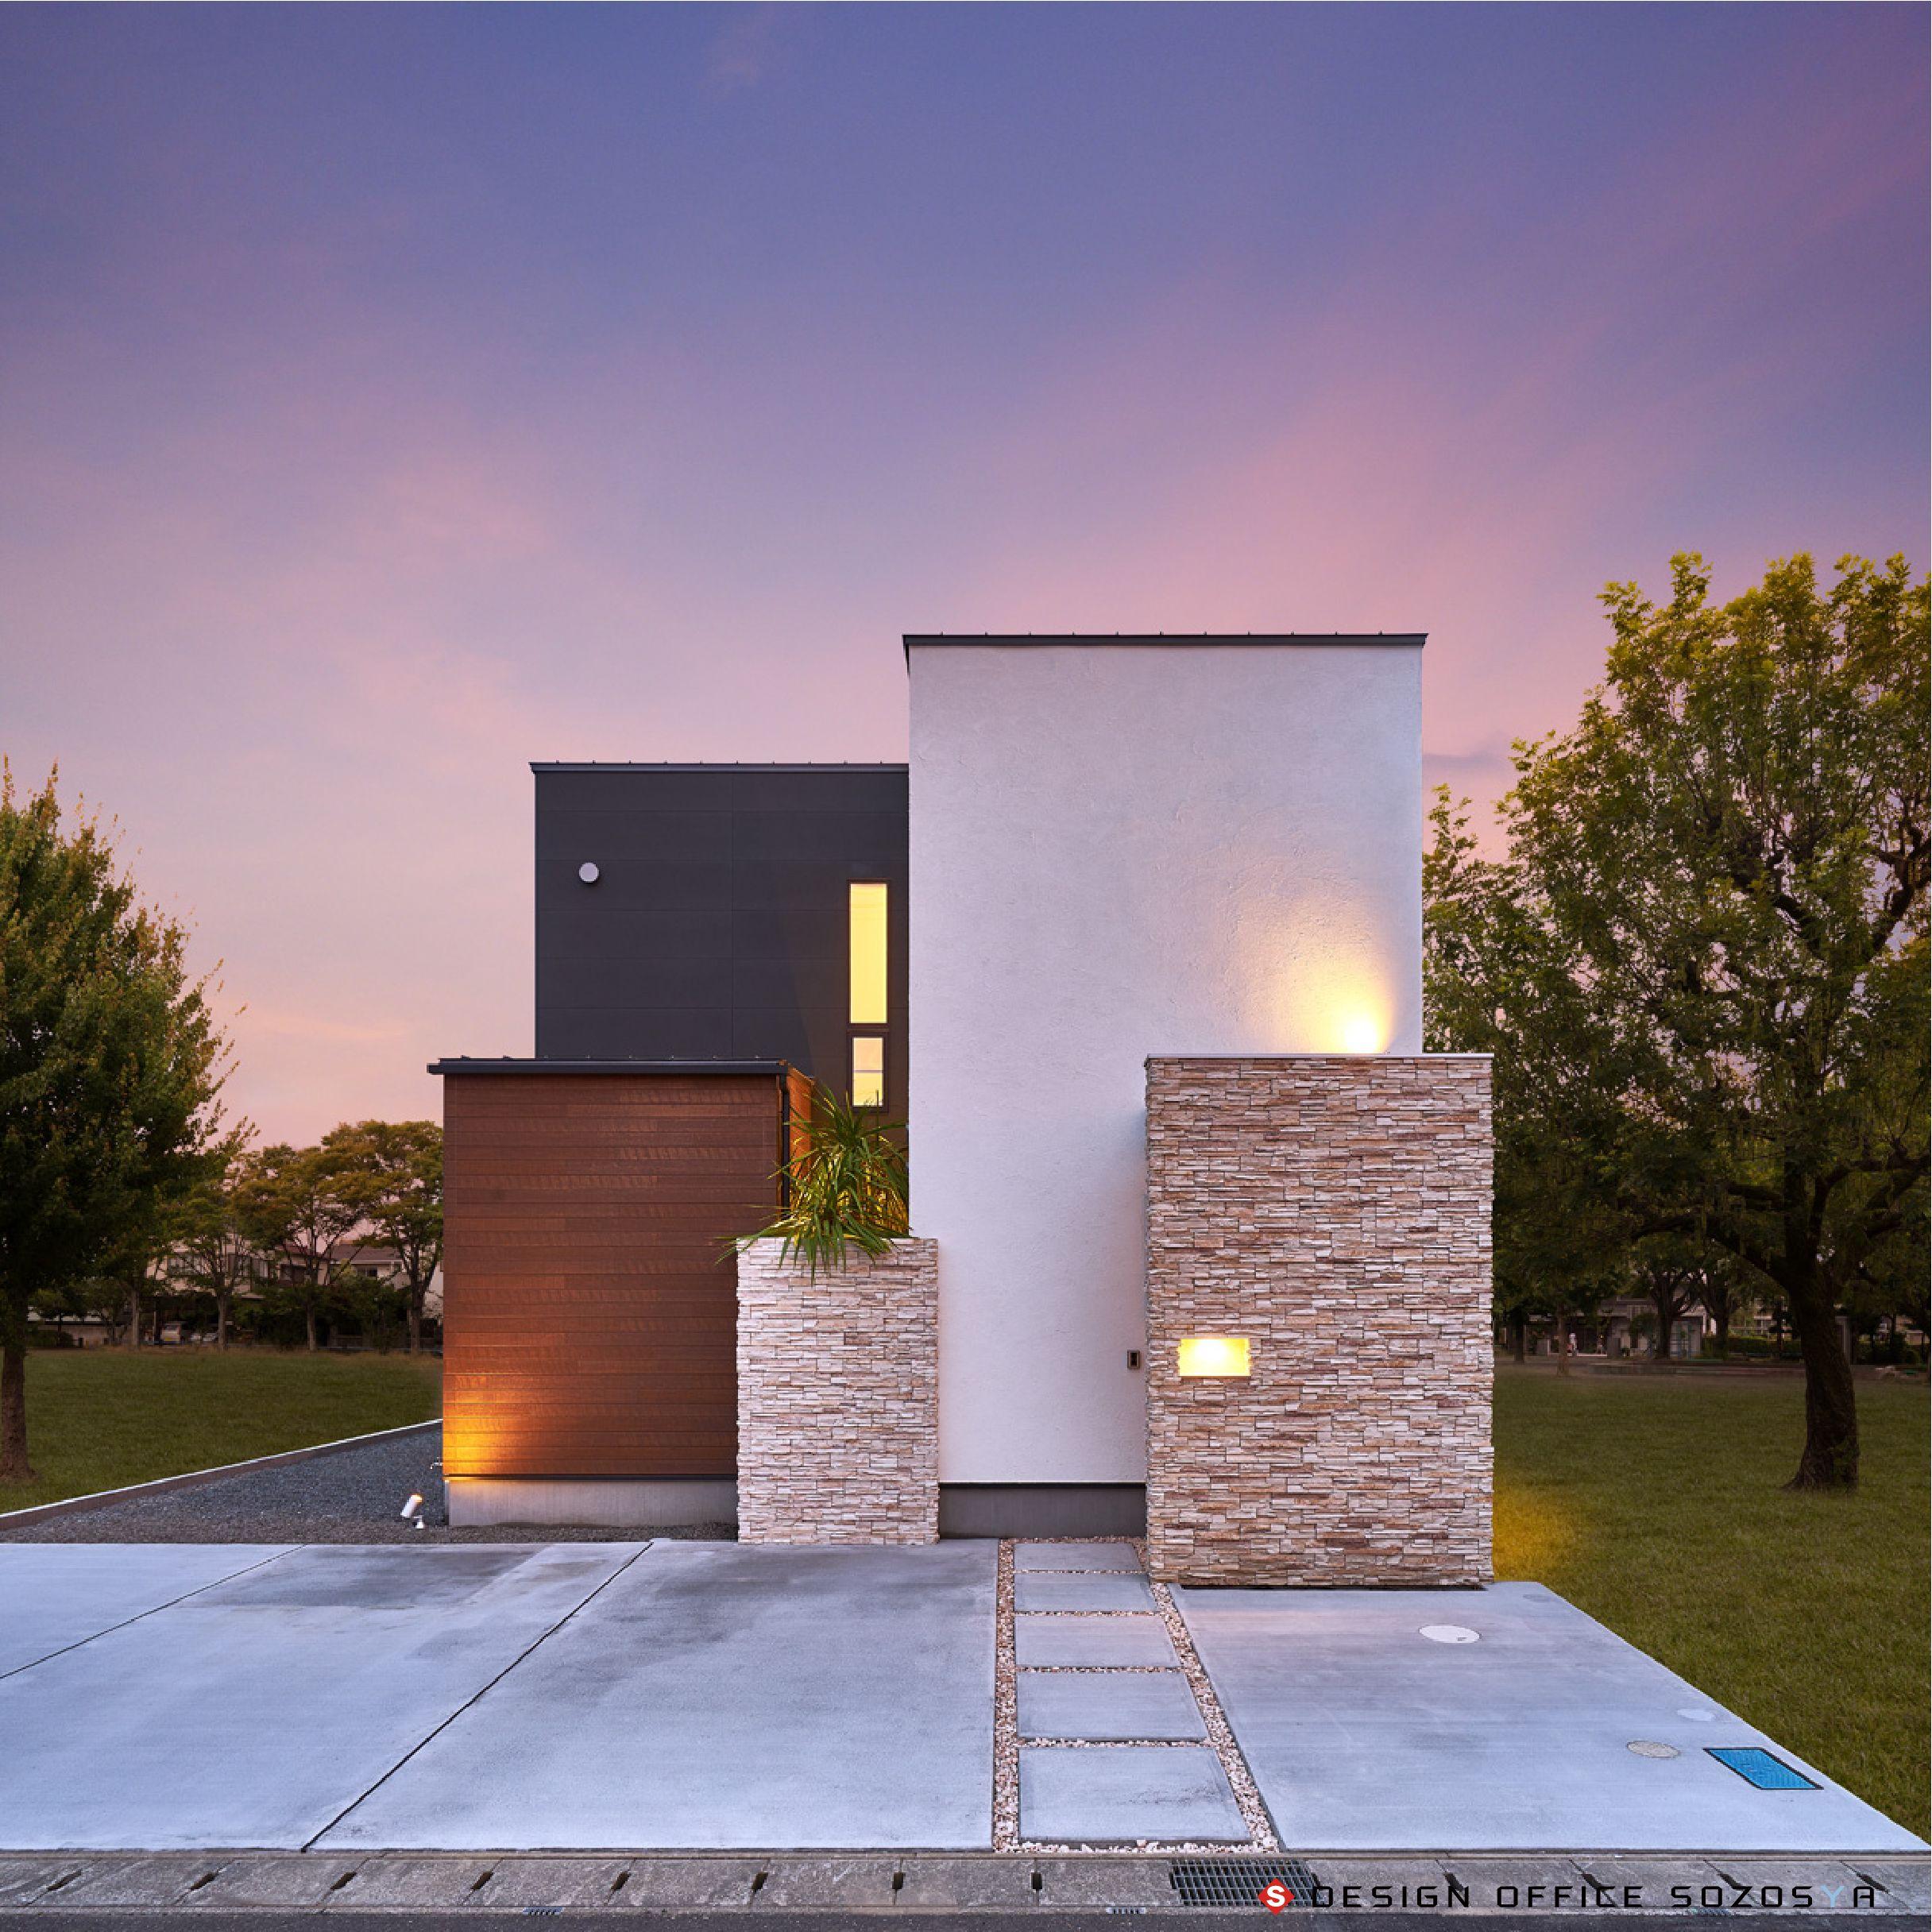 新築住宅の外観アイディア10選 箱型なナウトレンドデザイン: デザインオフィス創造舎